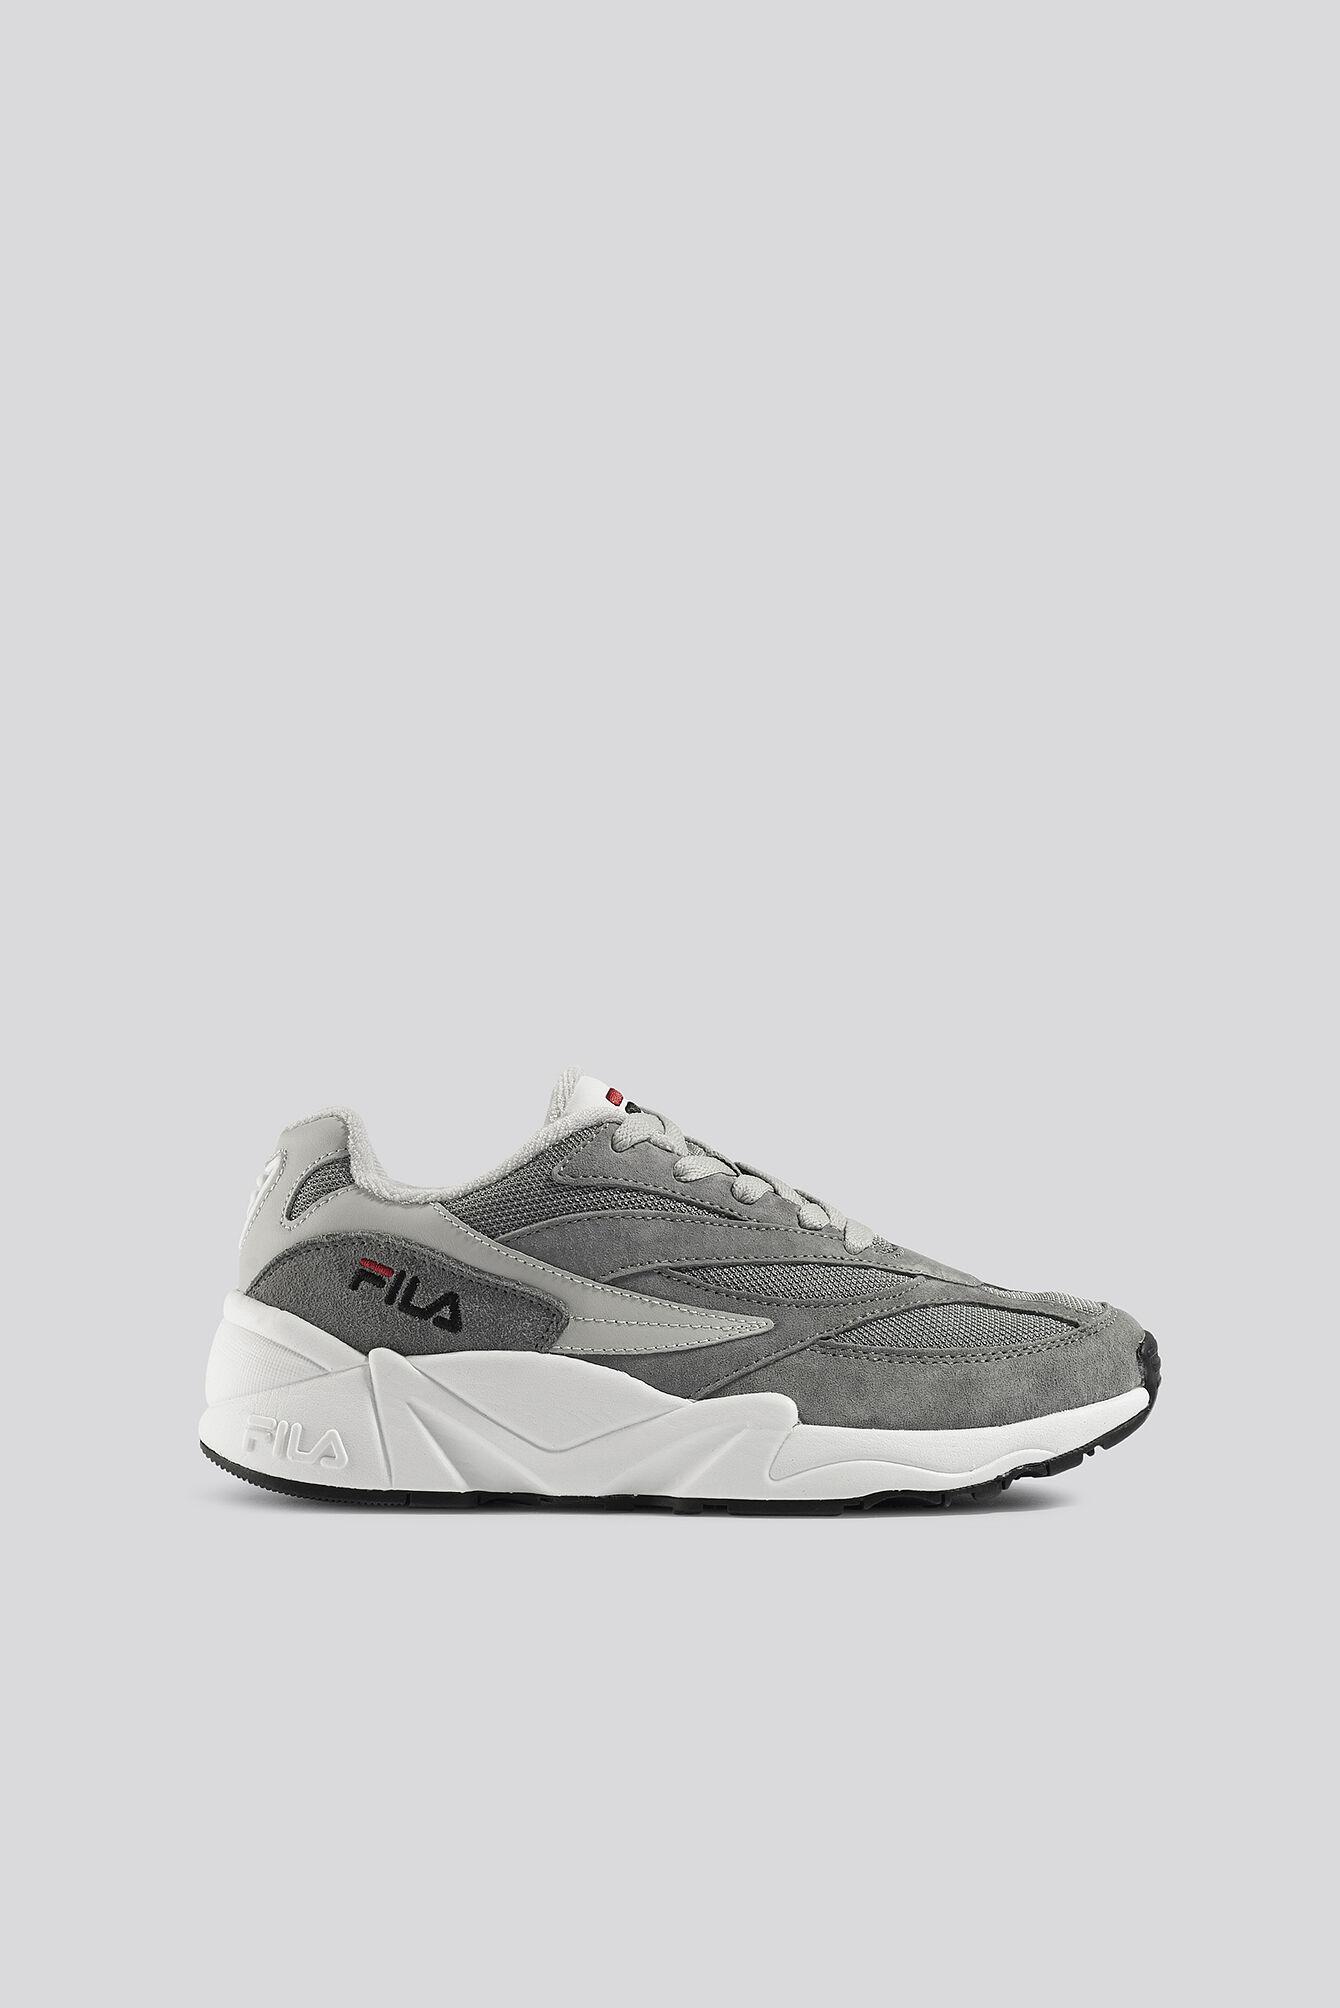 FILA V94M Wmn Sneaker - Grey  - Size: EU 36,EU 37,EU 38,EU 39,EU 40,EU 41